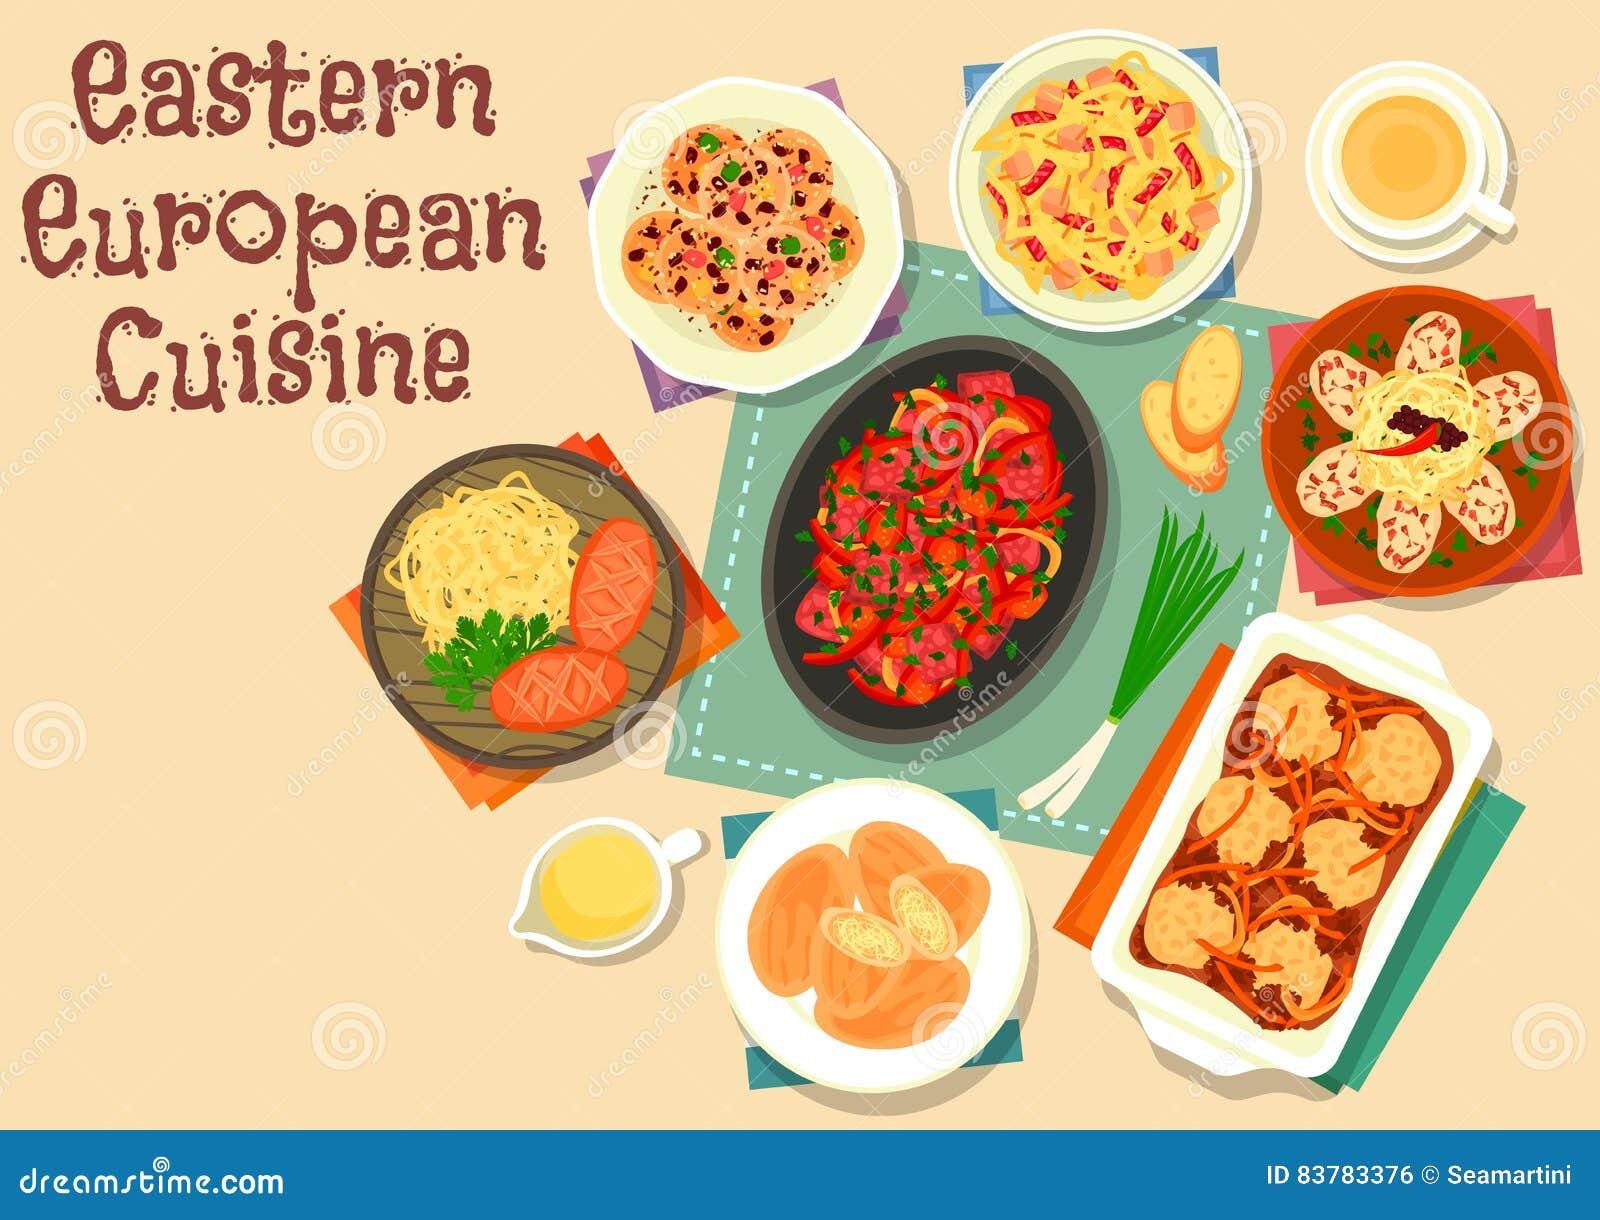 восточный европейский